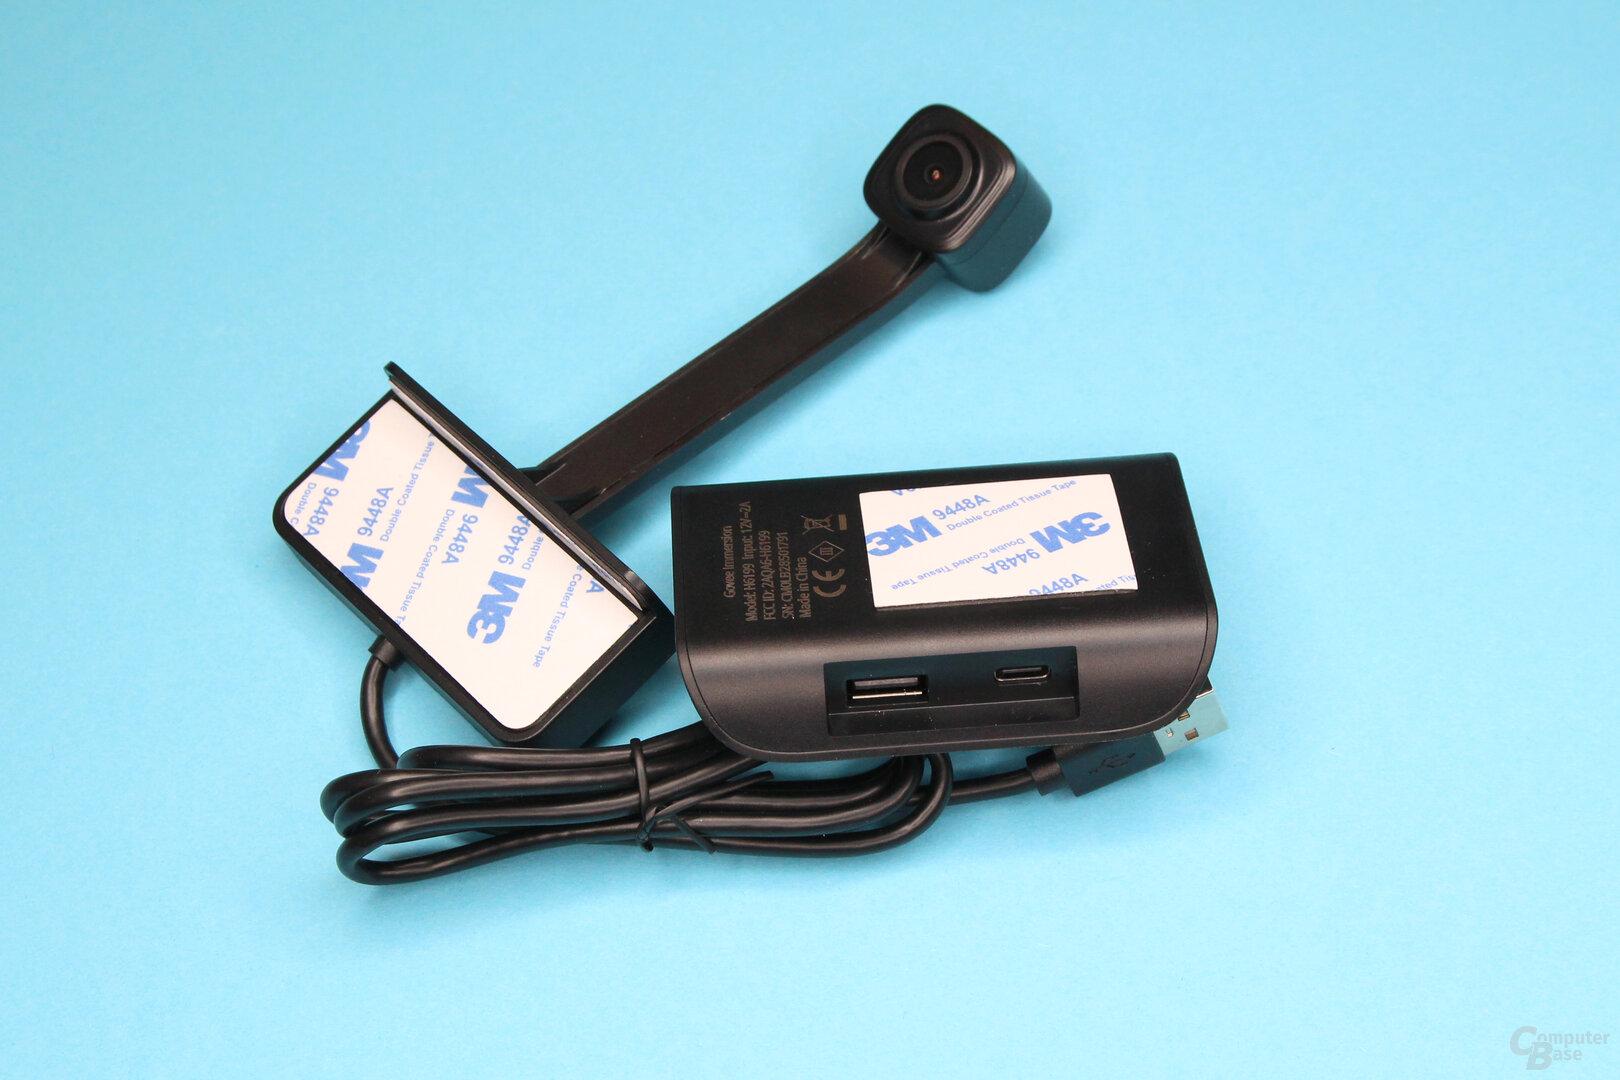 Kamera und Control Box von Govee